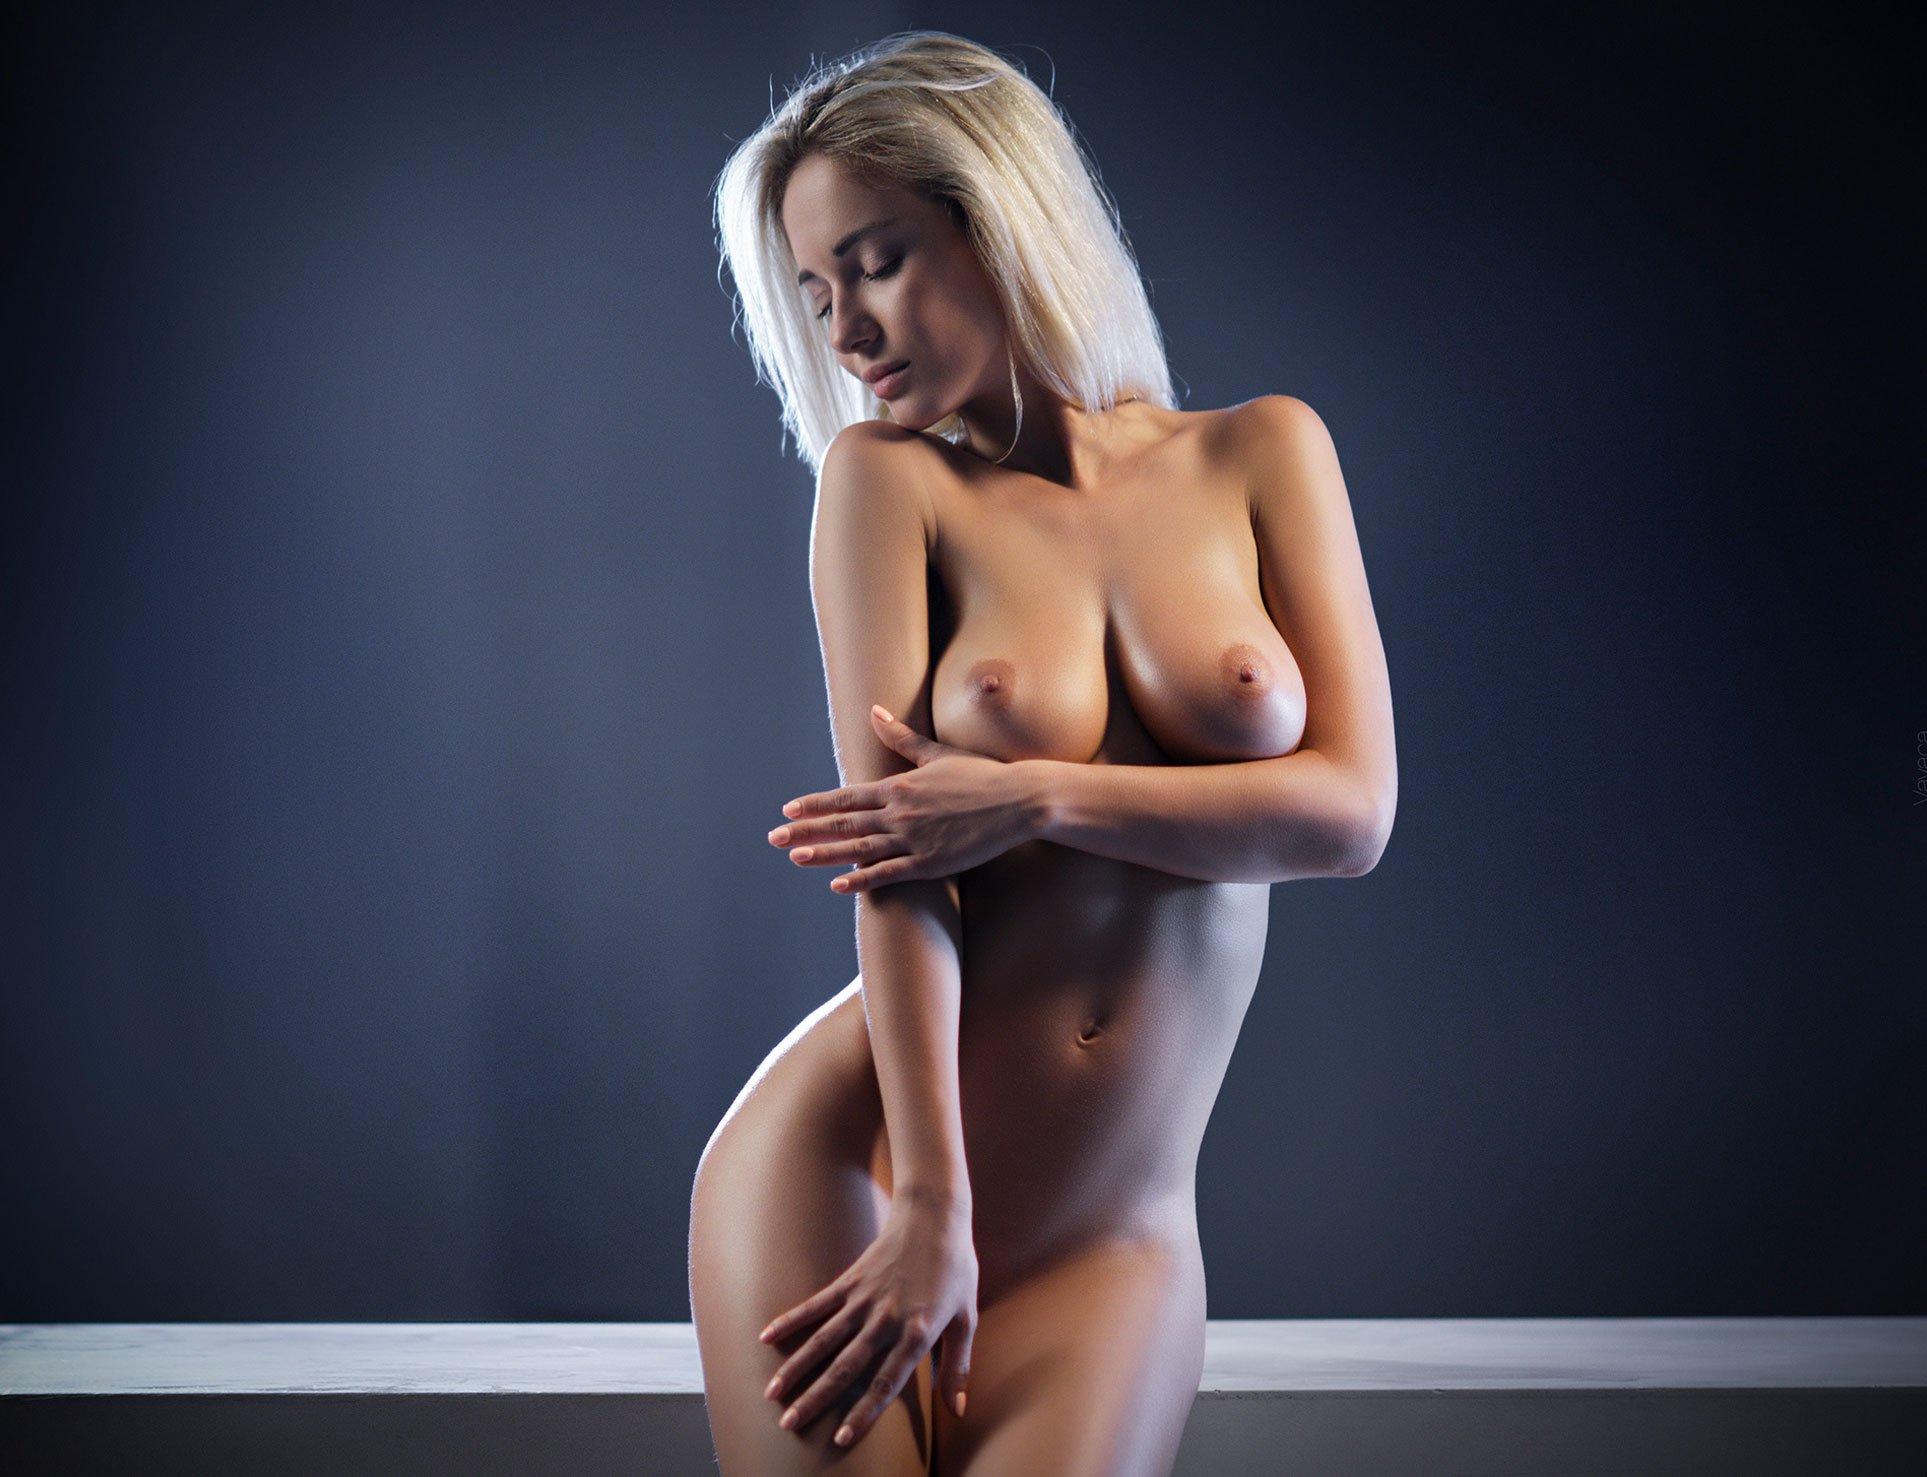 golie-i-krasivie-modeli-porno-odnu-vo-vse-diri